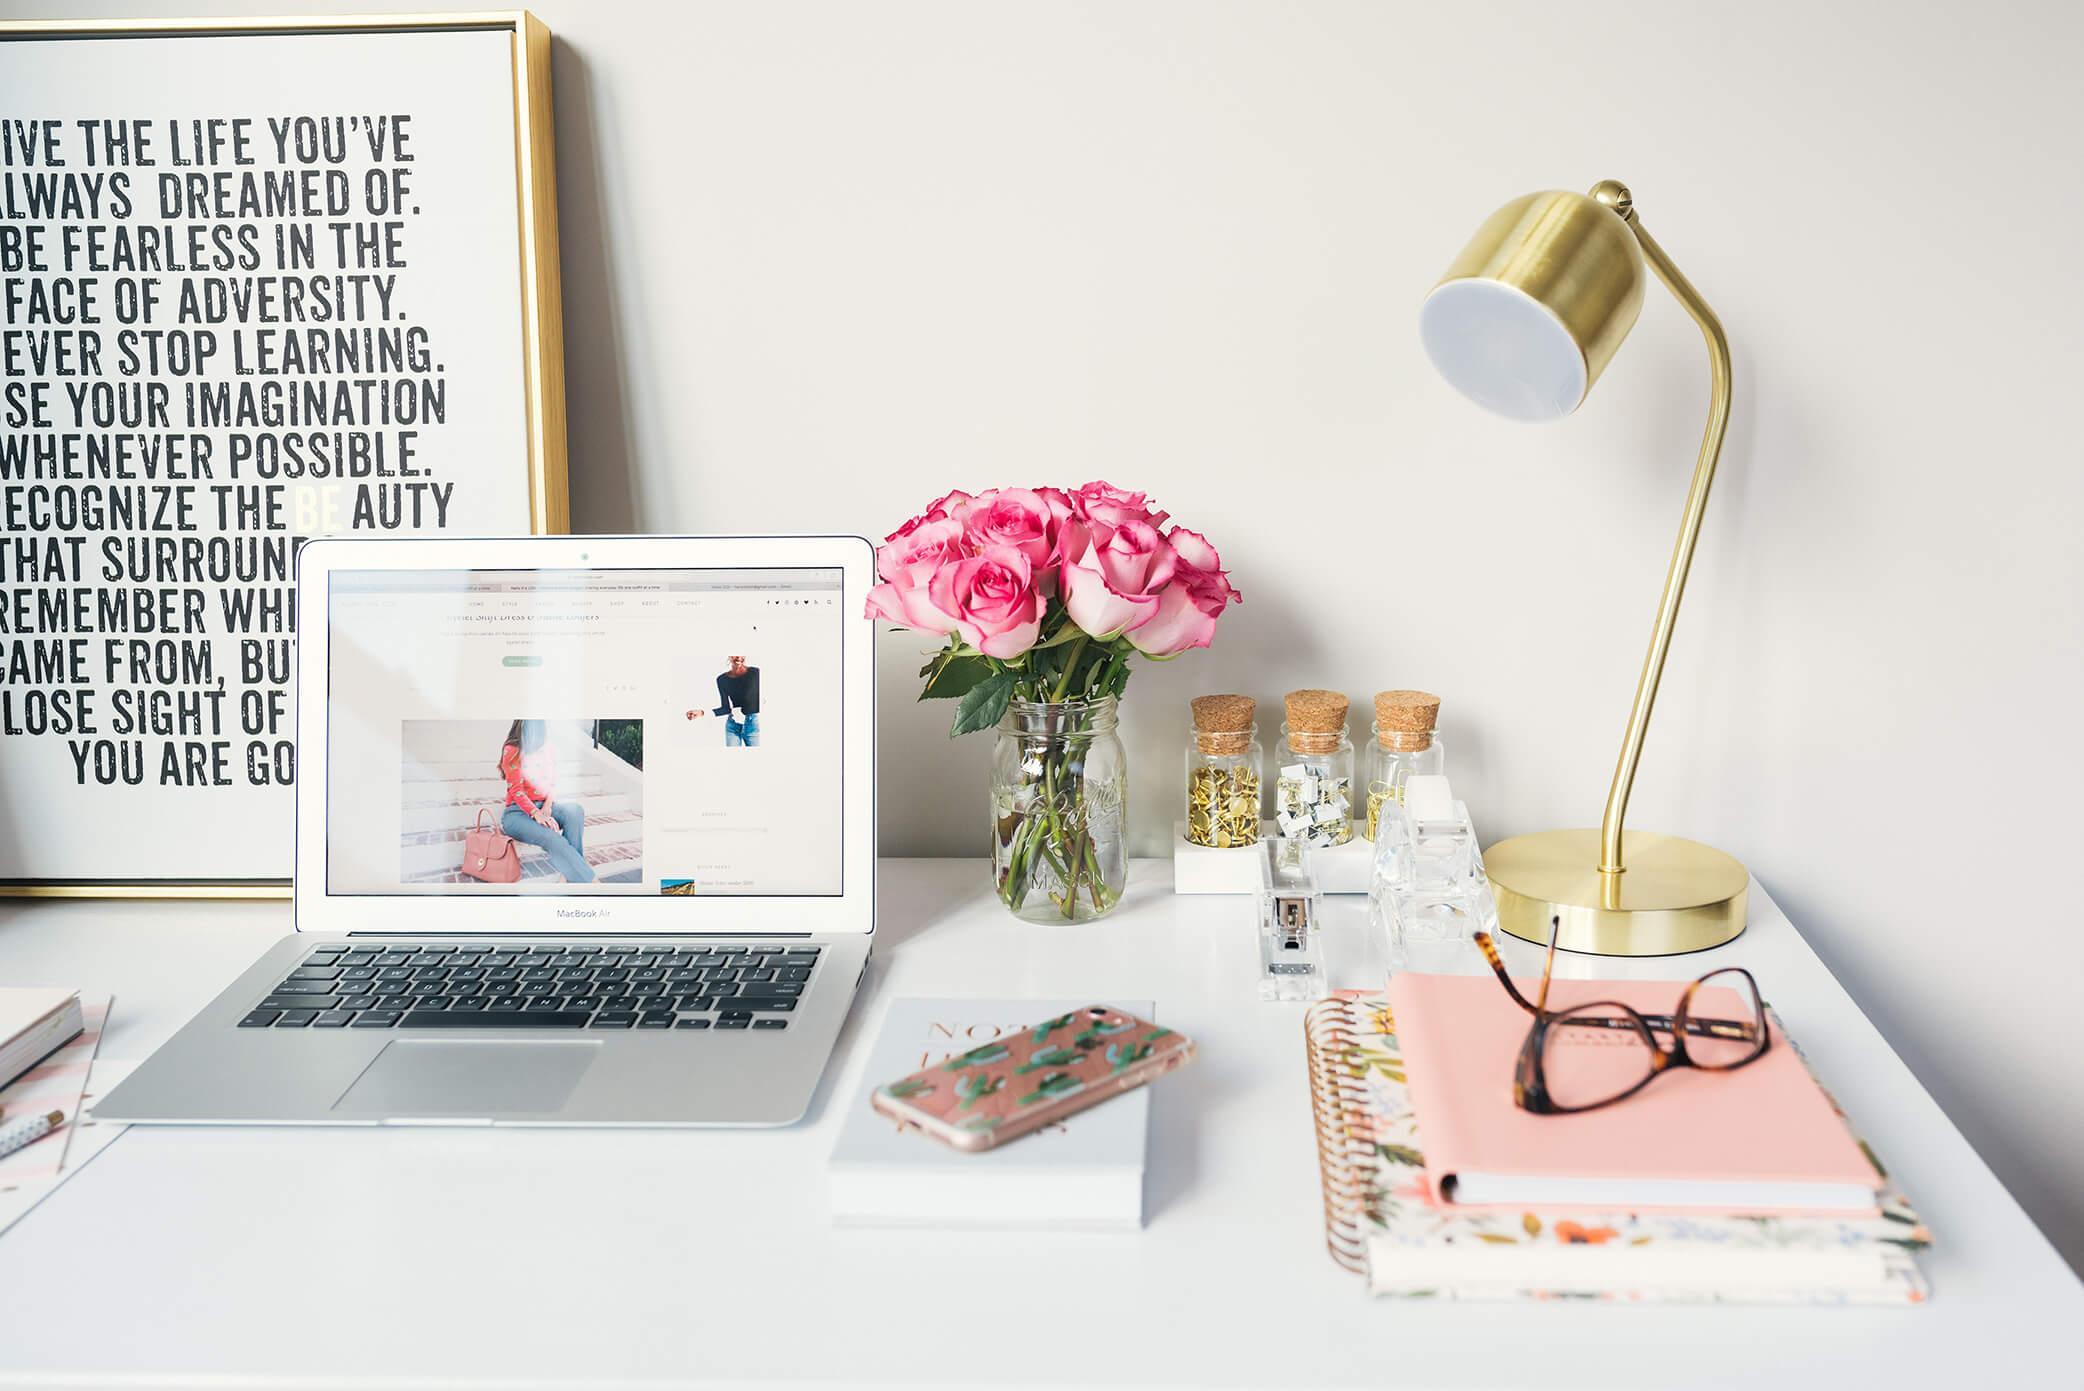 Get a better deal when you shop online